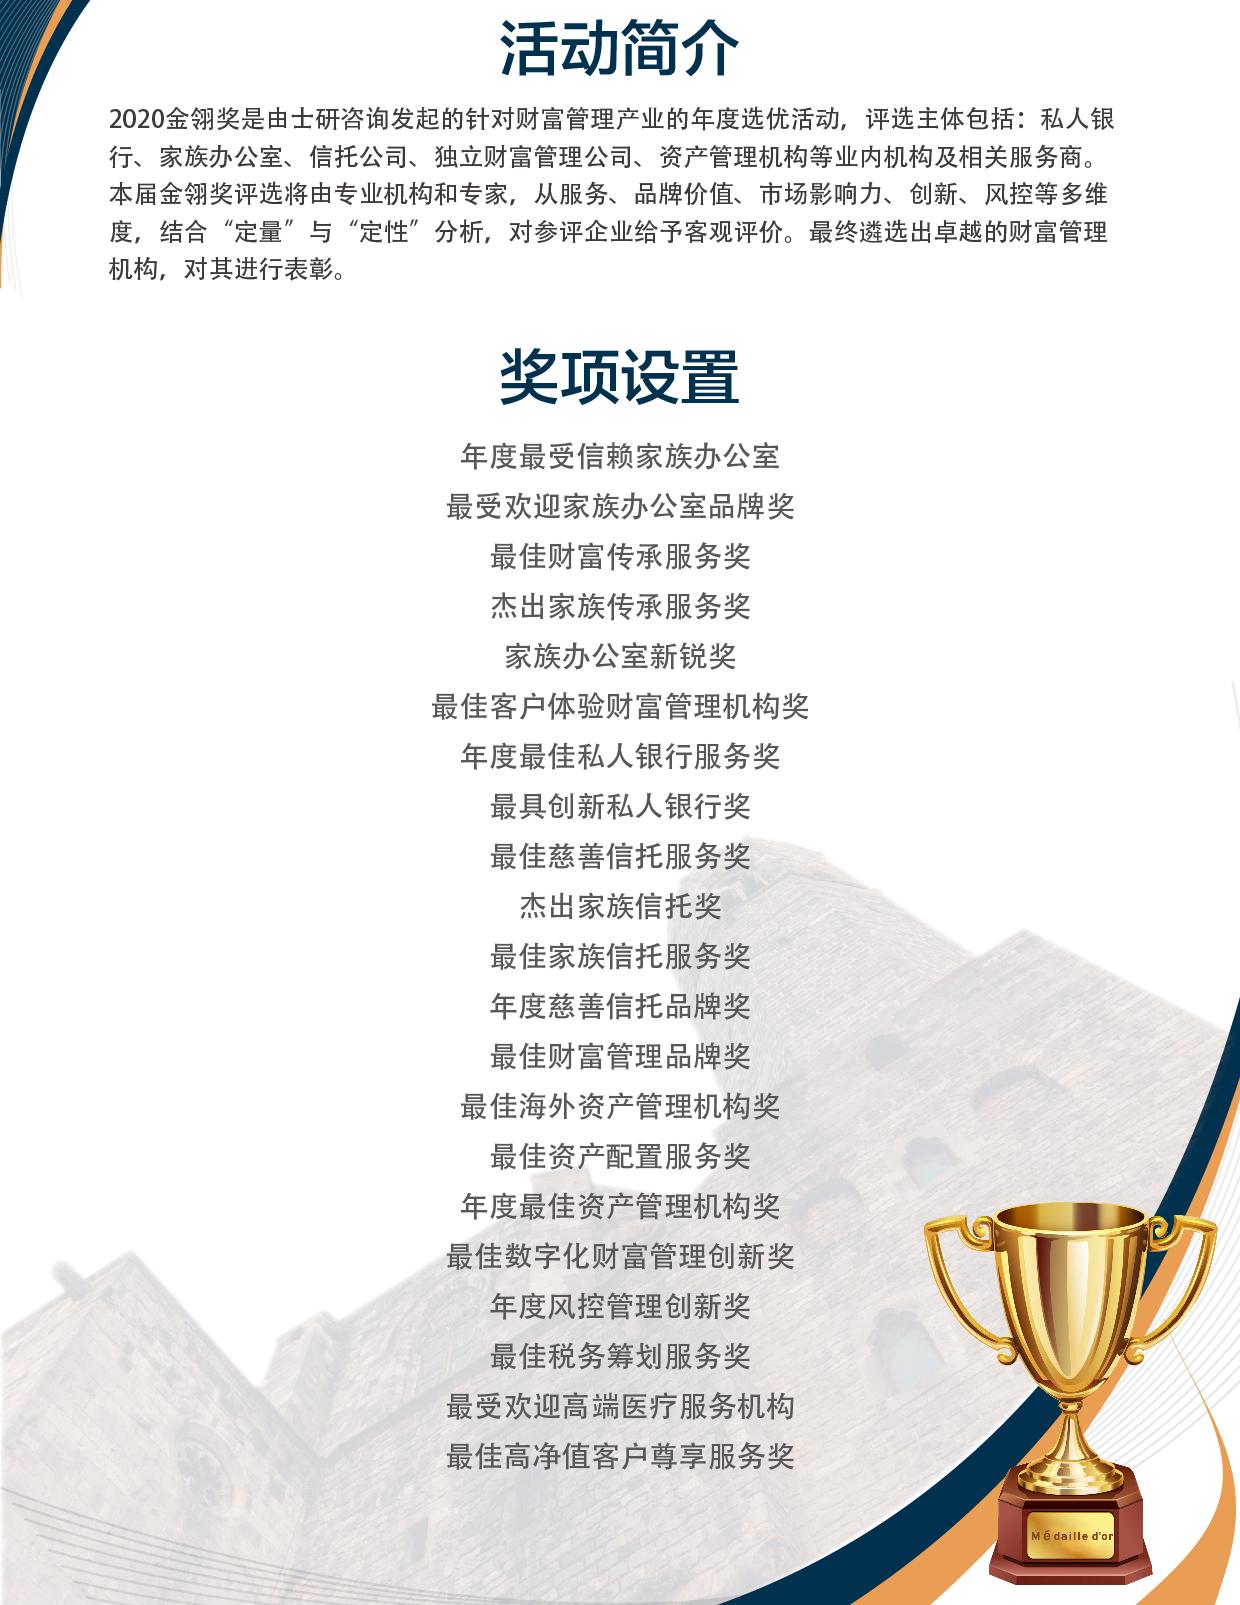 第十七届亚太财富管理年会暨家族财富传承论坛